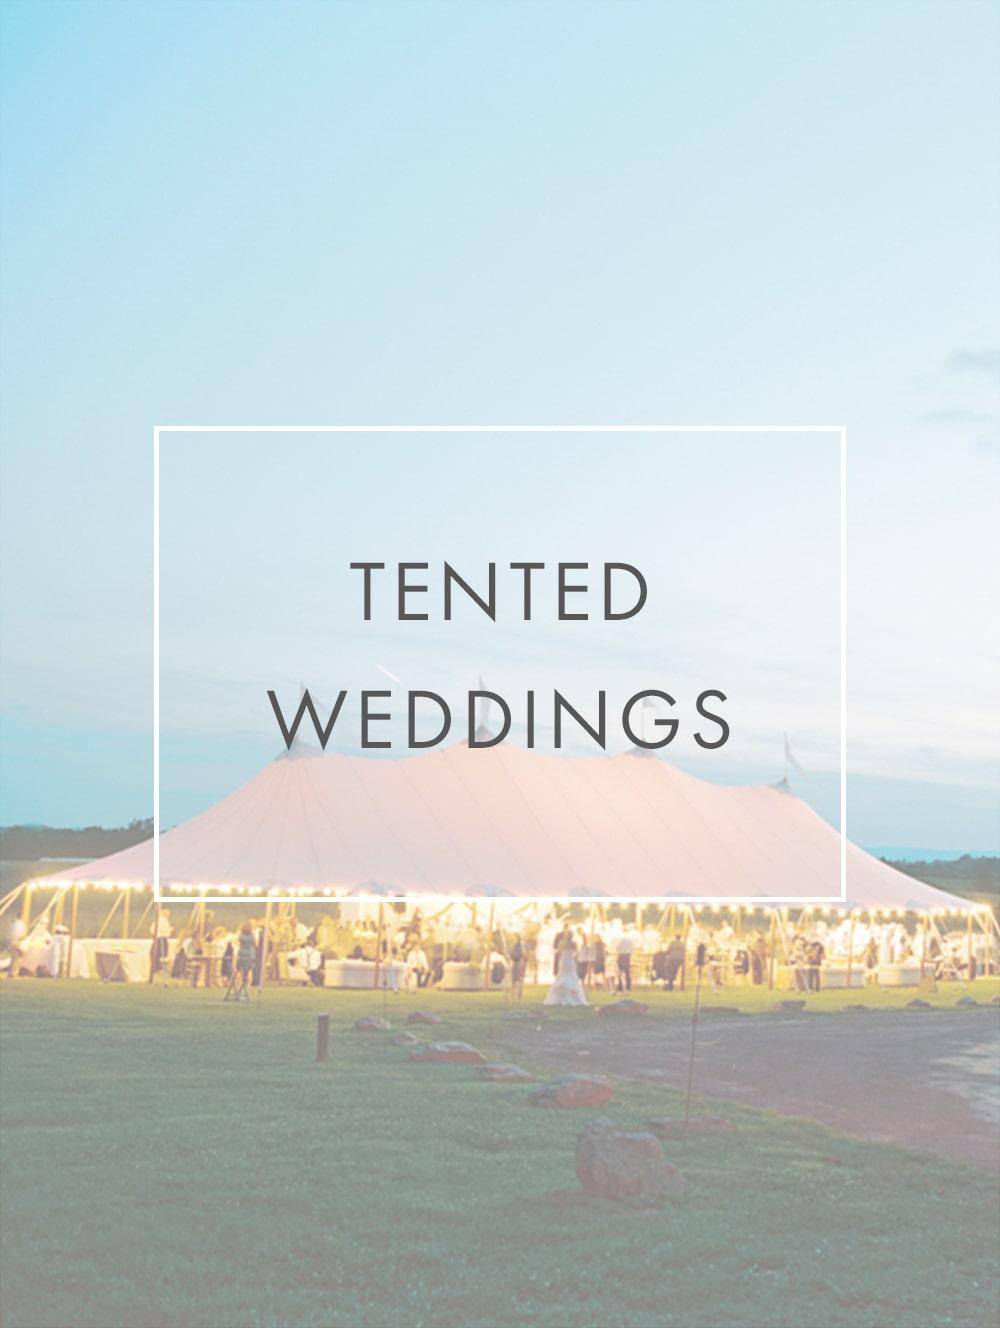 Tented_Weddings-mobile-min.jpg